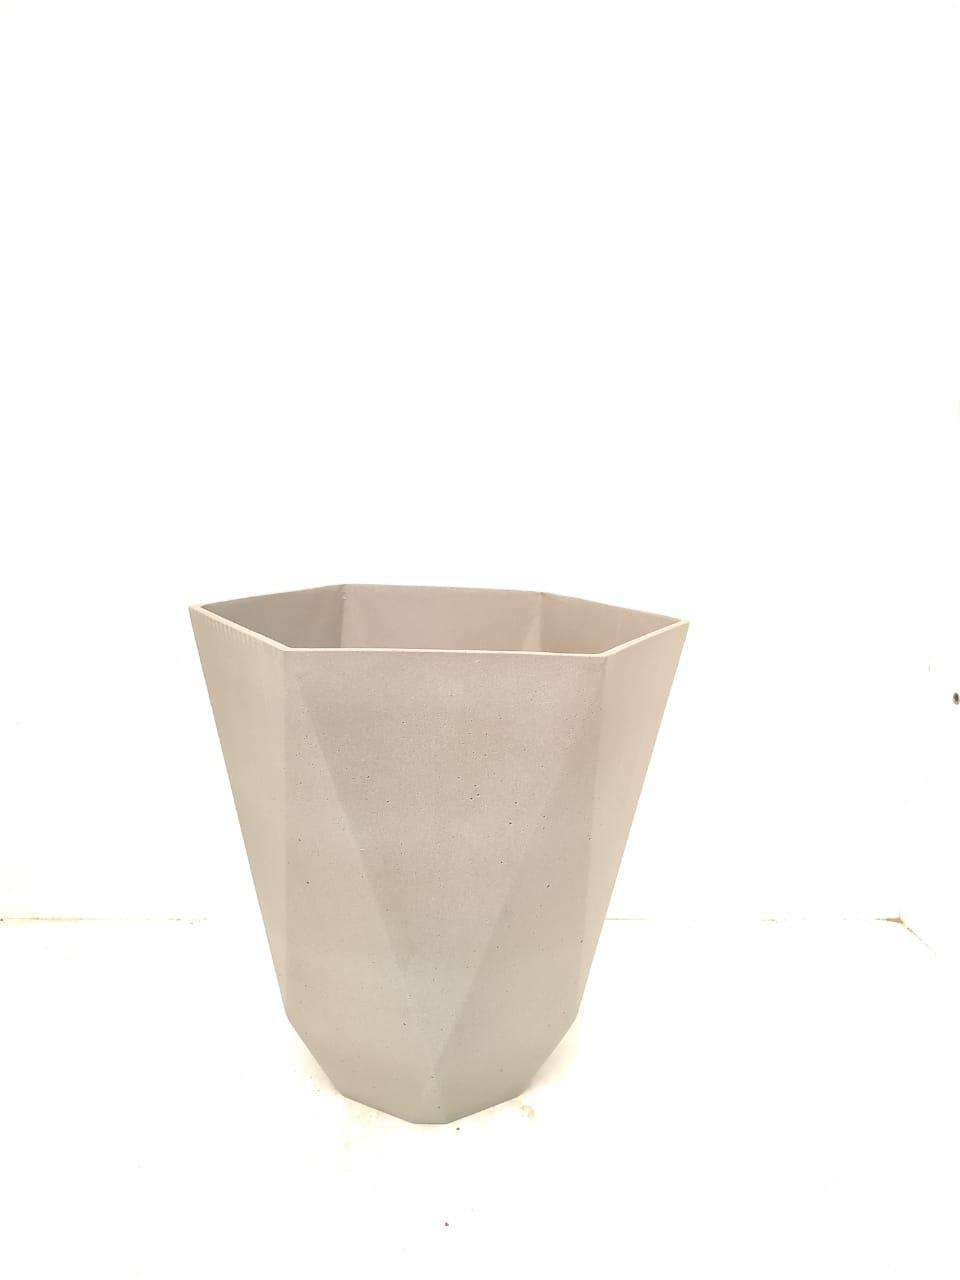 وعاء حجر رملي بني - وسط أواني و مزهريات